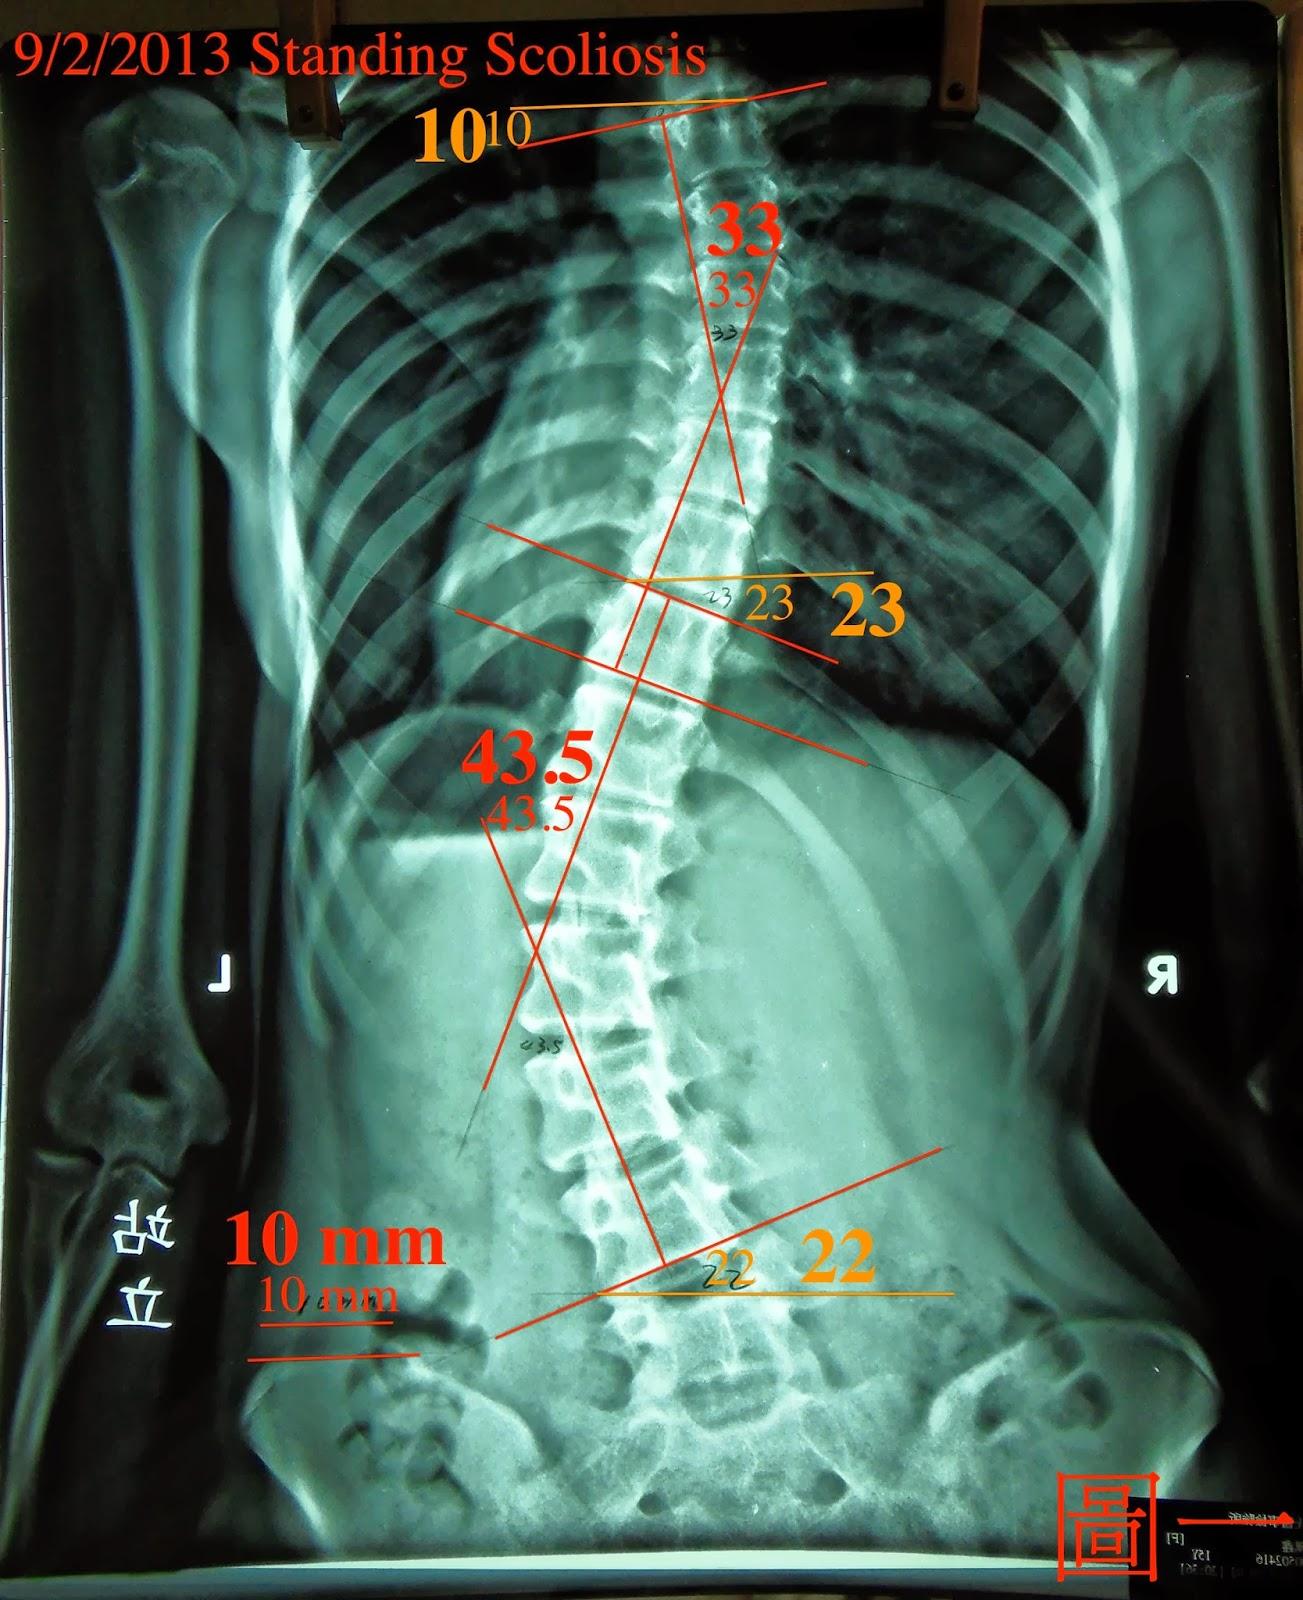 脊椎側彎個案報告五-9次43.5度~32度後續追蹤一(五個月19度) - 閻曉華脊骨神經醫學網